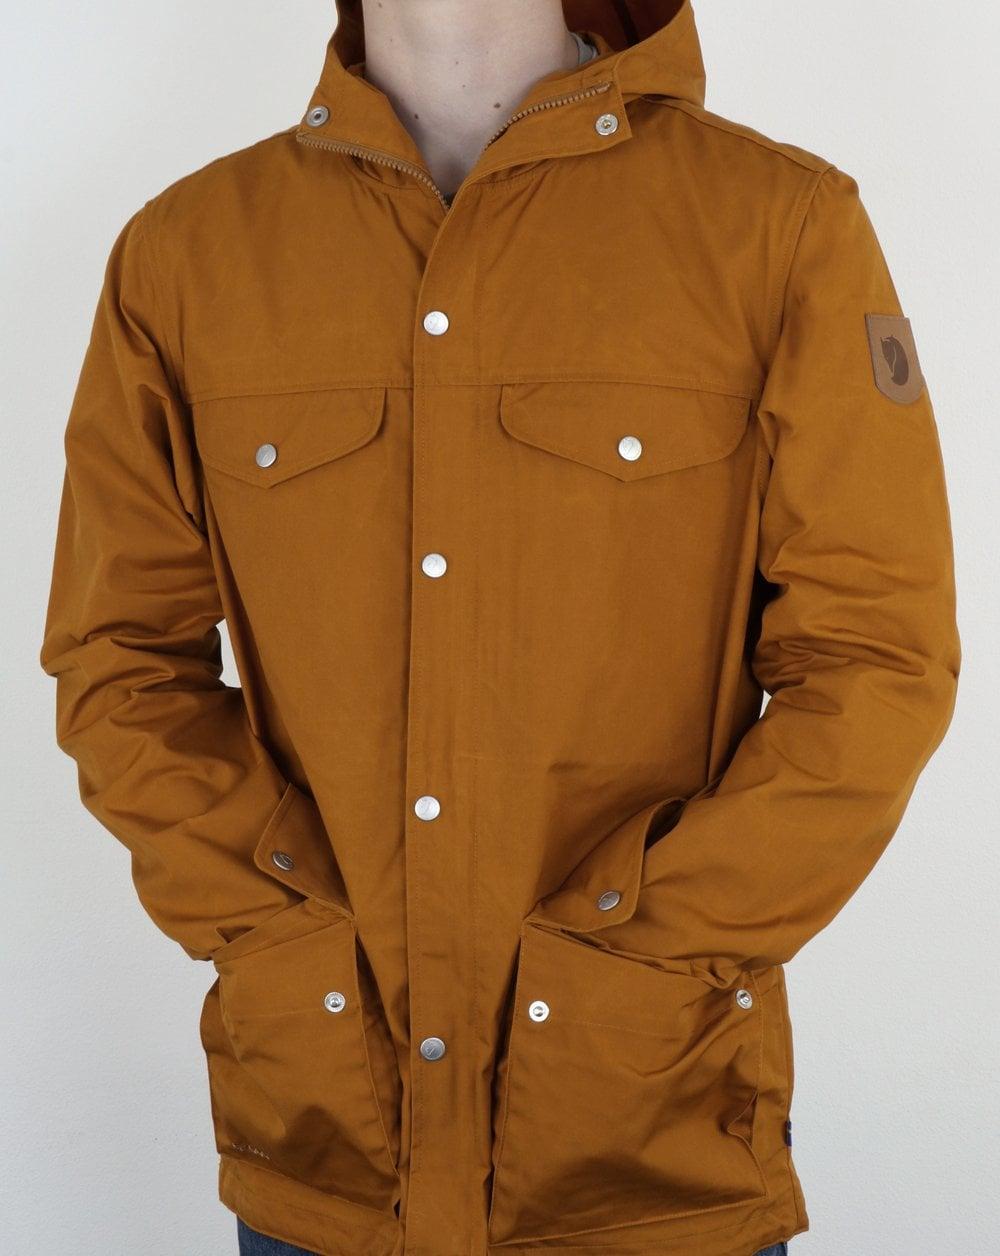 buy online 73c45 49349 Fjallraven Greenland Jacket Acorn